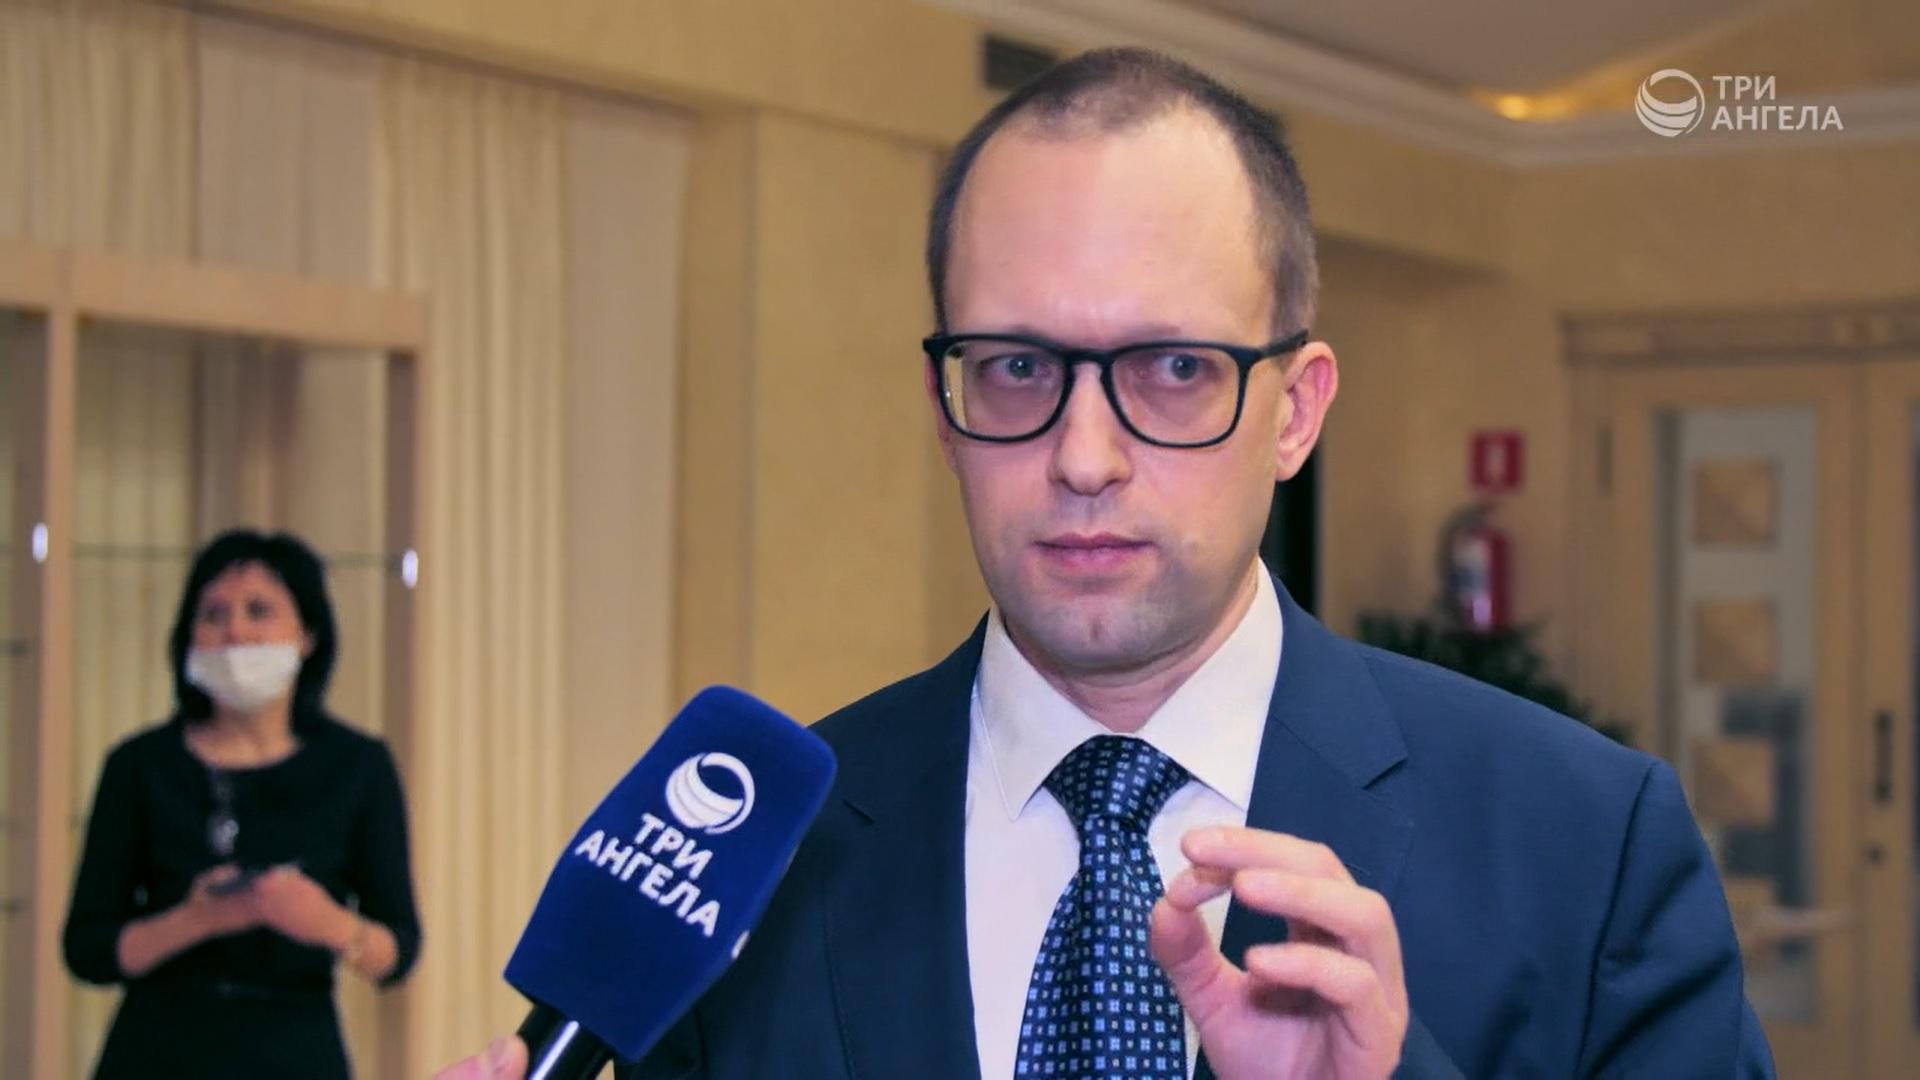 Директор ИРП Антон Игнатенко призывает верующих к осторожности